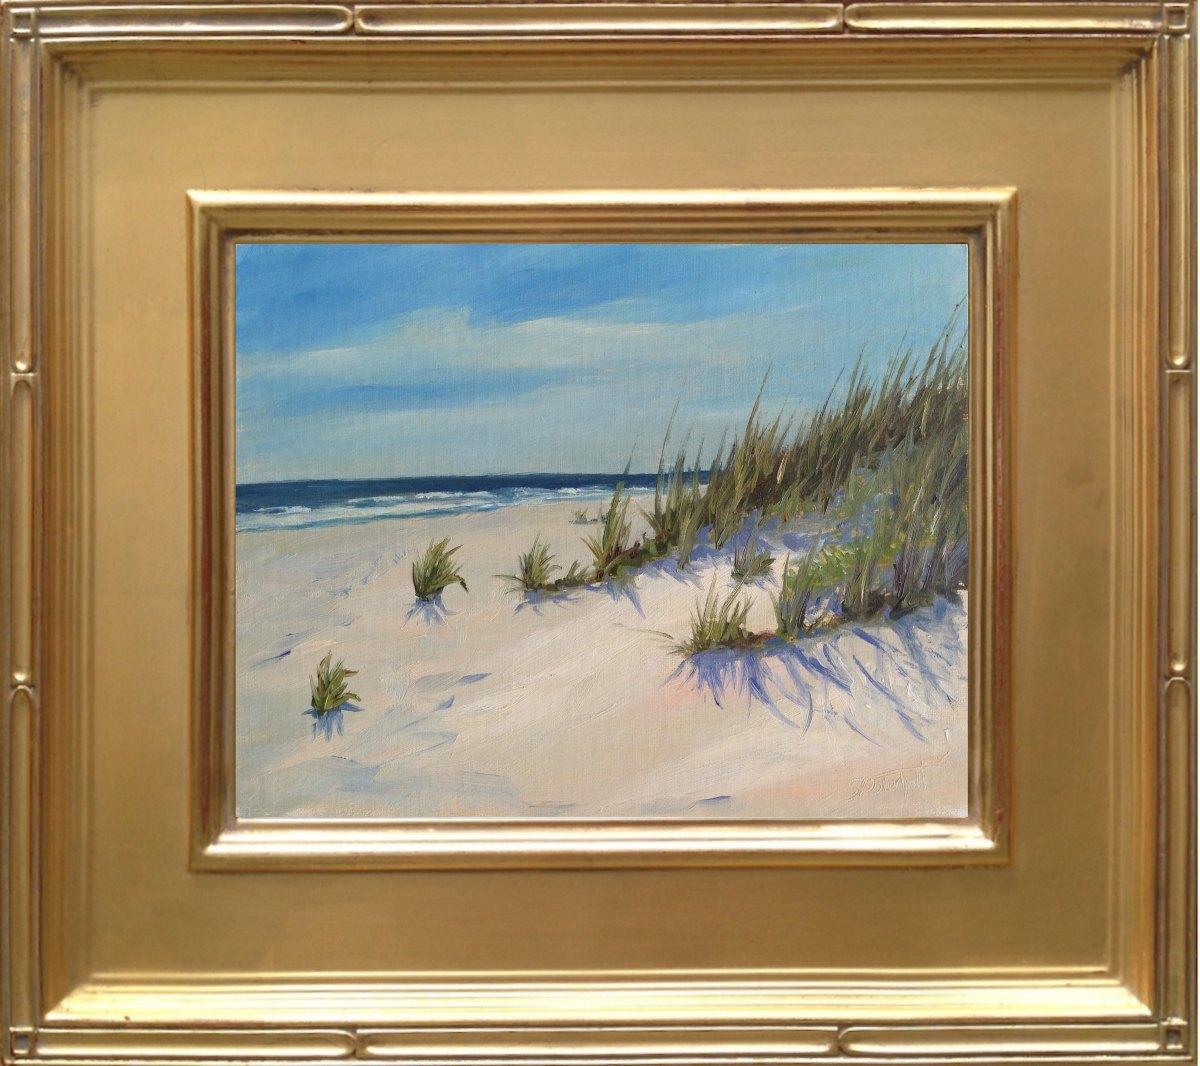 Perdido Key State Park: Painting #63 – Perdido Key State Park